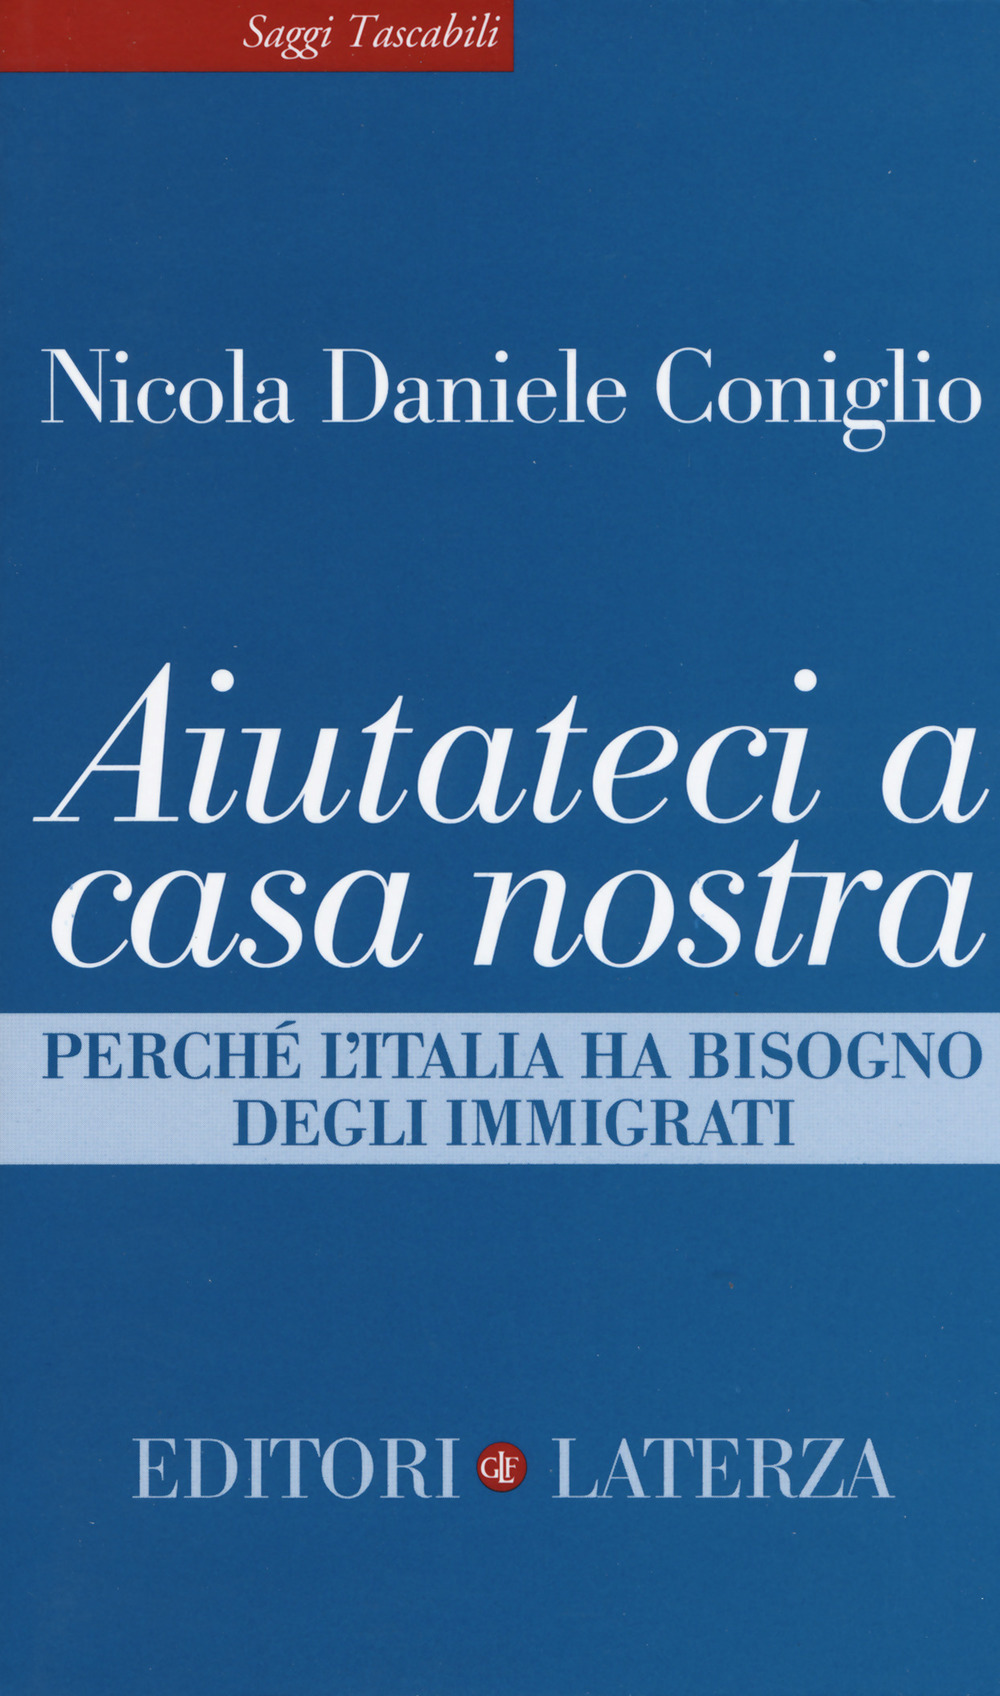 Aiutateci a casa nostra. Perché l'Italia ha bisogno degli immigrati